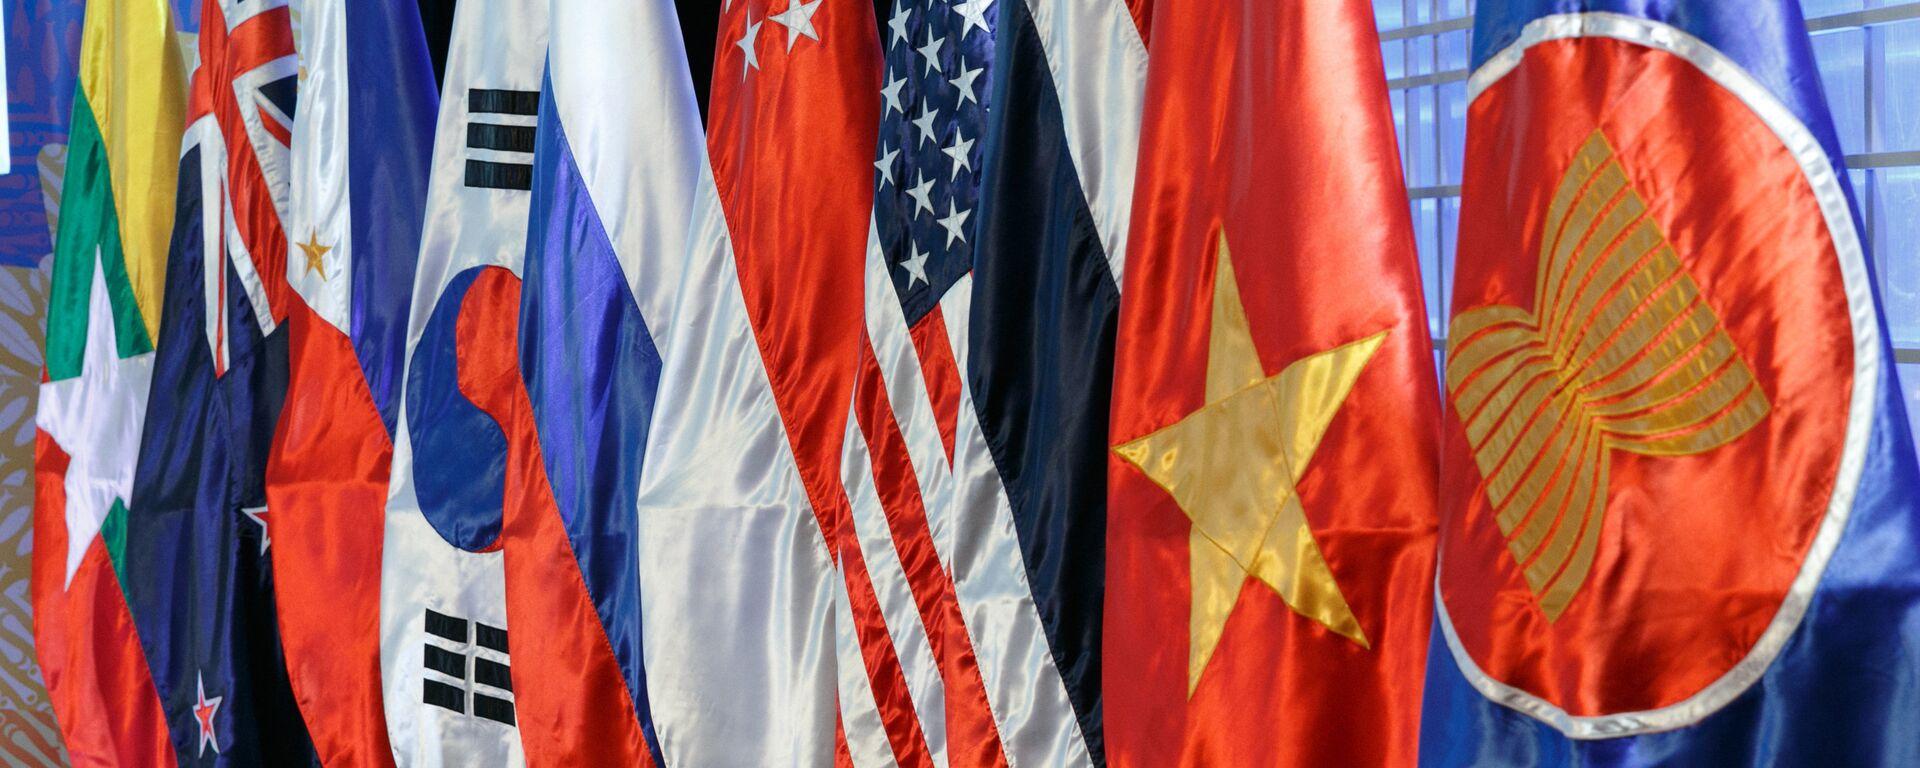 Las banderas de los países miembros de la ASEAN - Sputnik Mundo, 1920, 28.06.2021